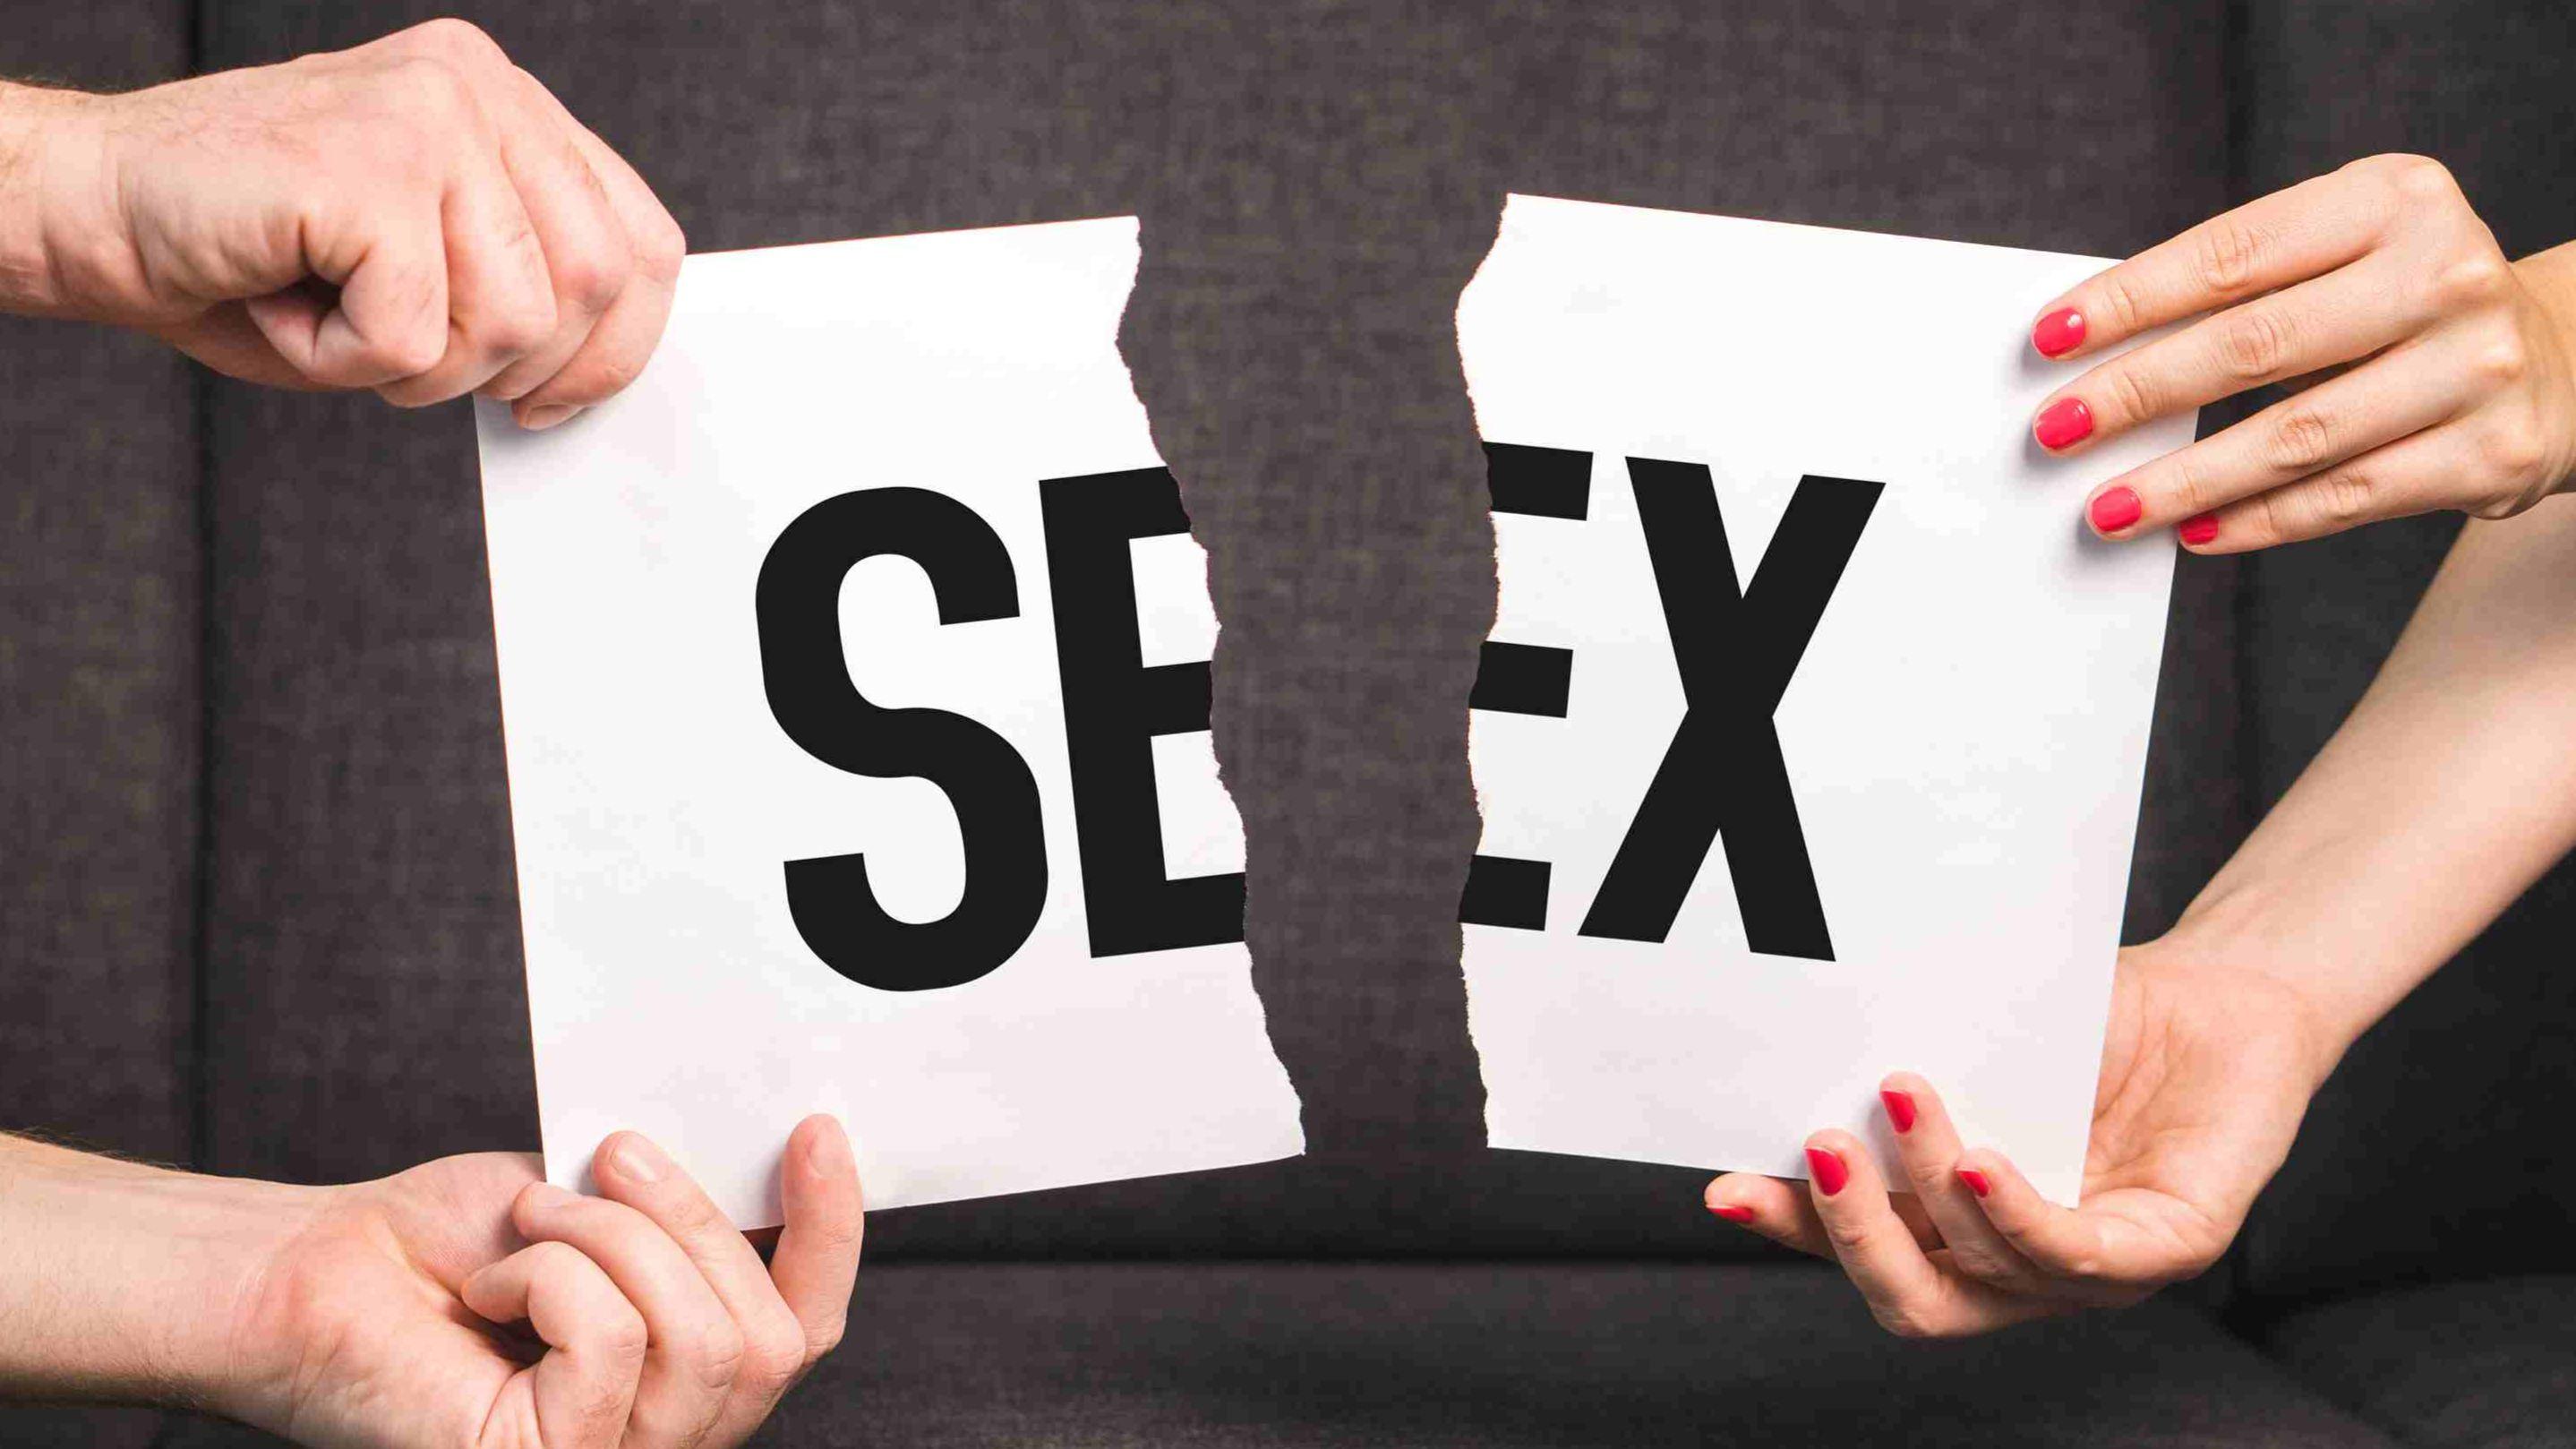 Sexuelles Wohlbefinden mit Testosteron?